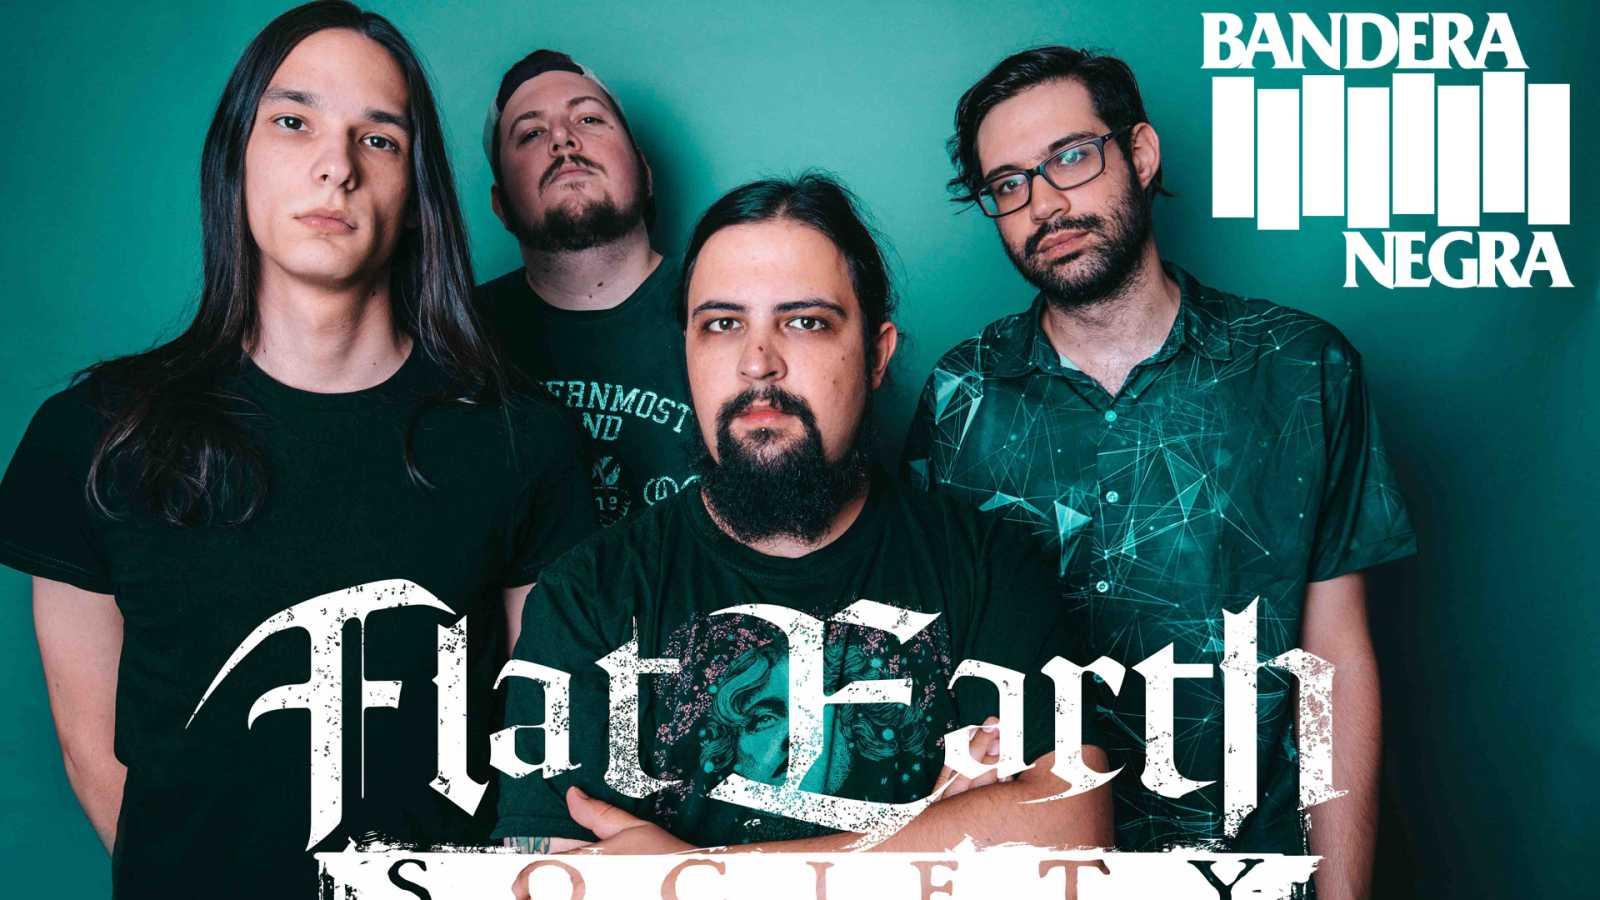 Bandera negra - Flat Earth Society + #NoRulesRadio3Extra - 28/05/20 - escuchar ahora